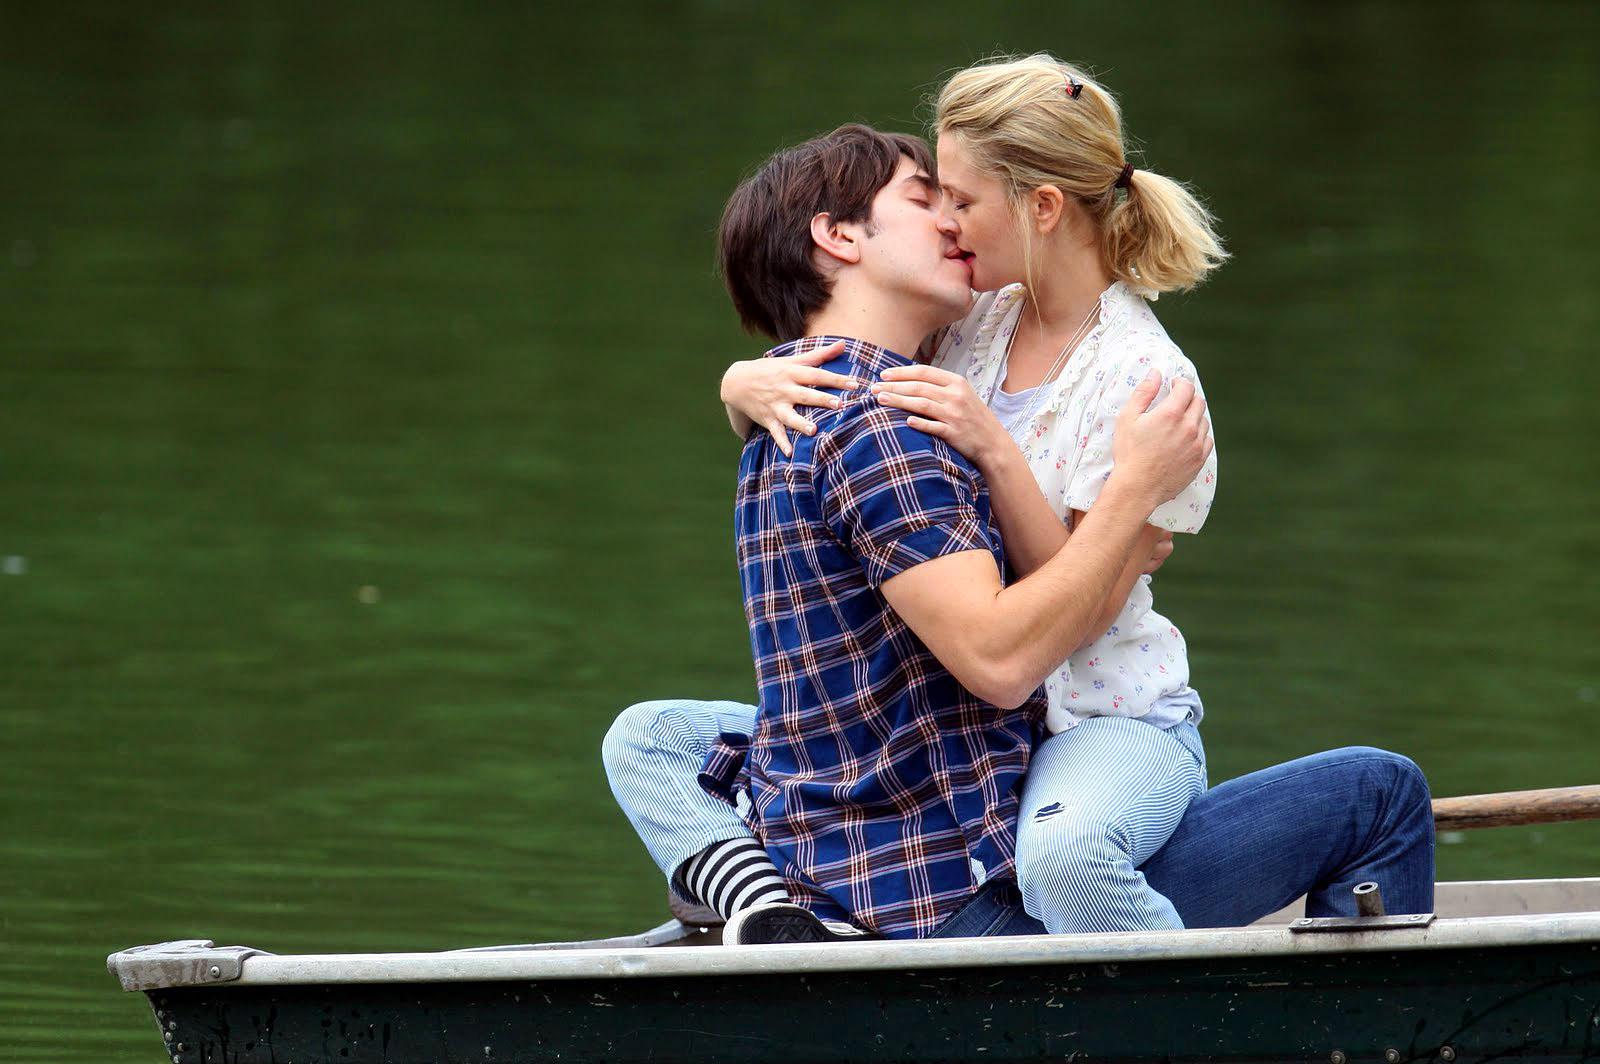 بالصور لحظات حب ساخنة , اجمل الصور الرومانسية بين المحبين 3309 5